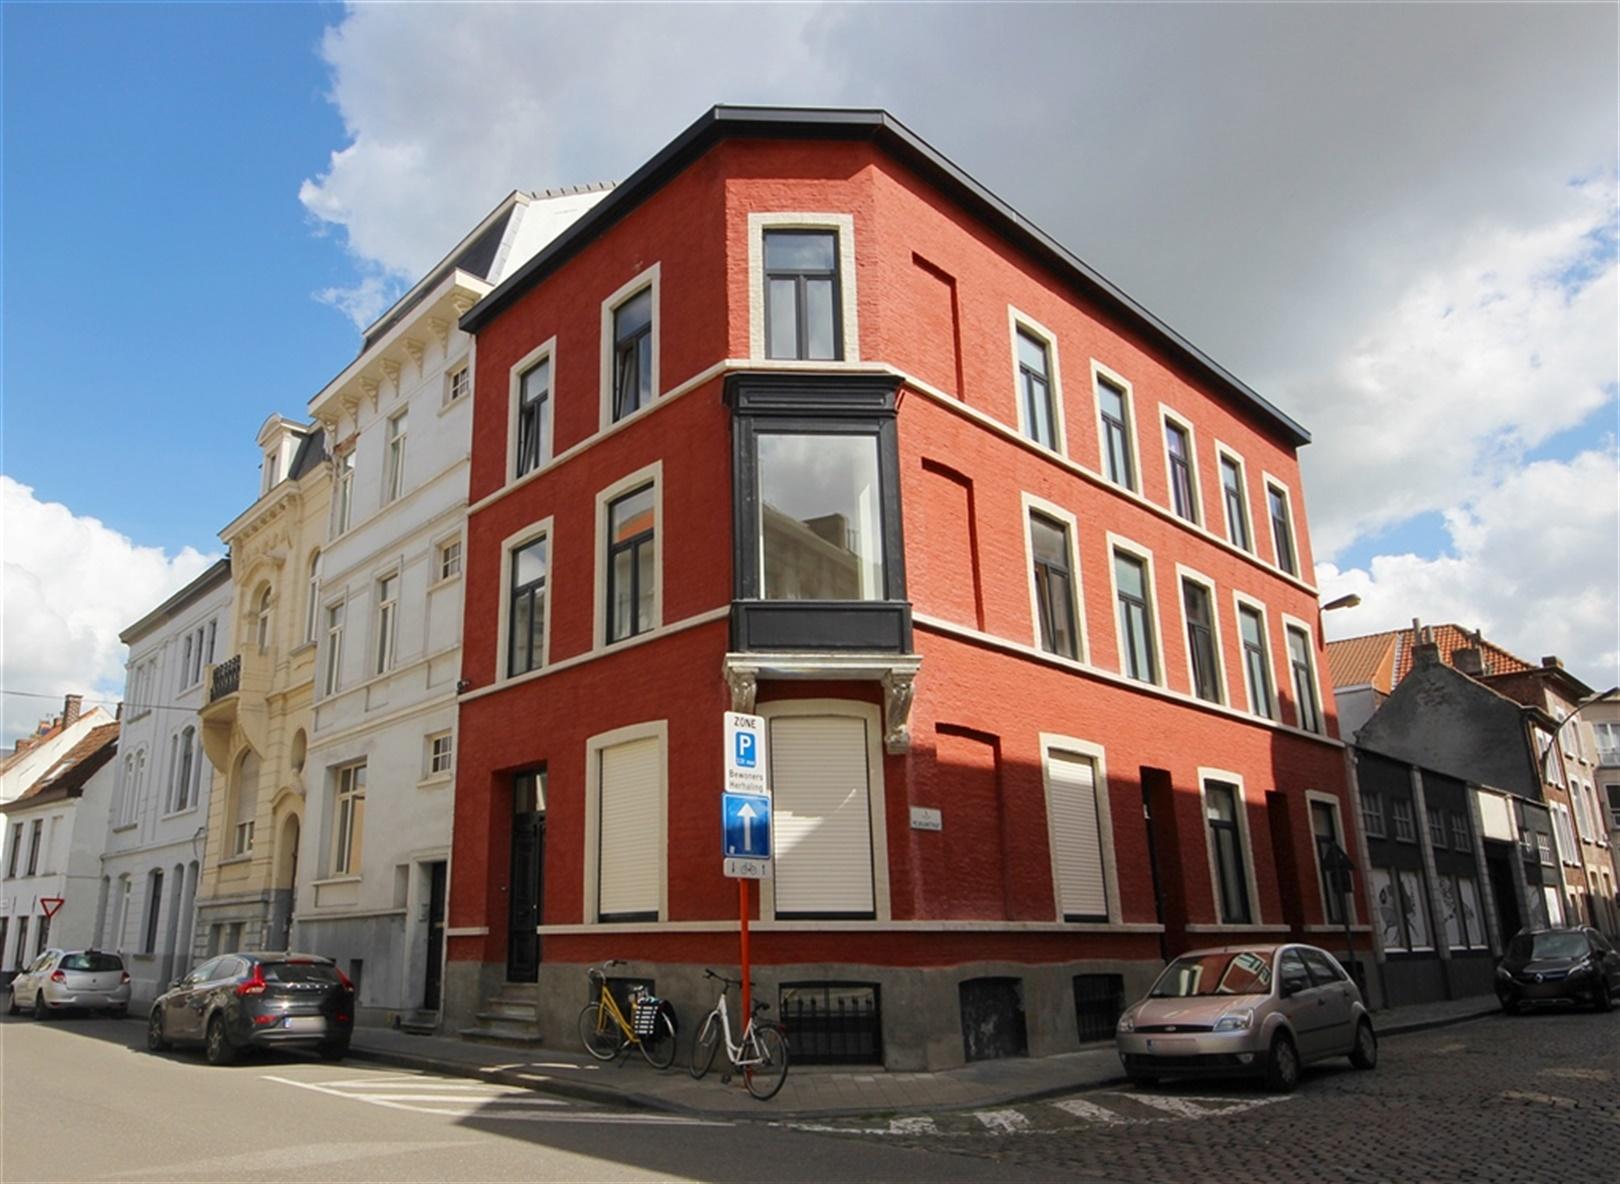 Charmante herenwoning met authentiek karakter nabij centrum Gent!